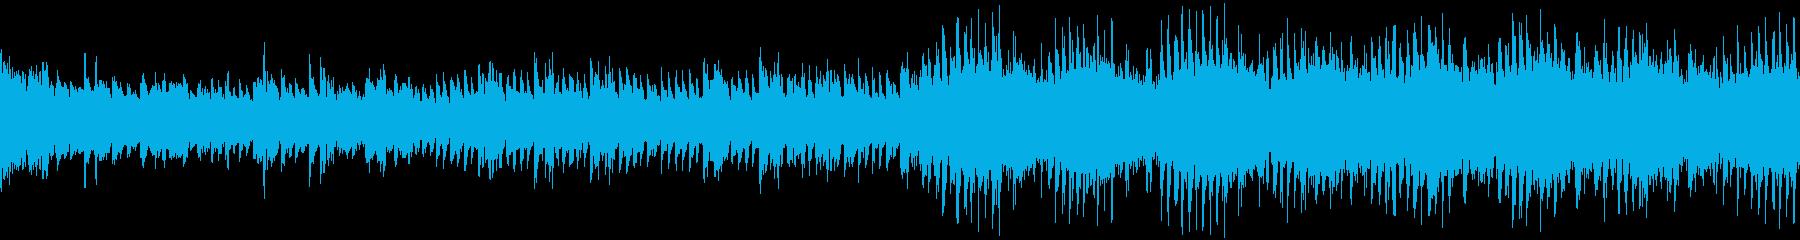 ゲームRPG村魔法夜宿屋星フィールド音楽の再生済みの波形